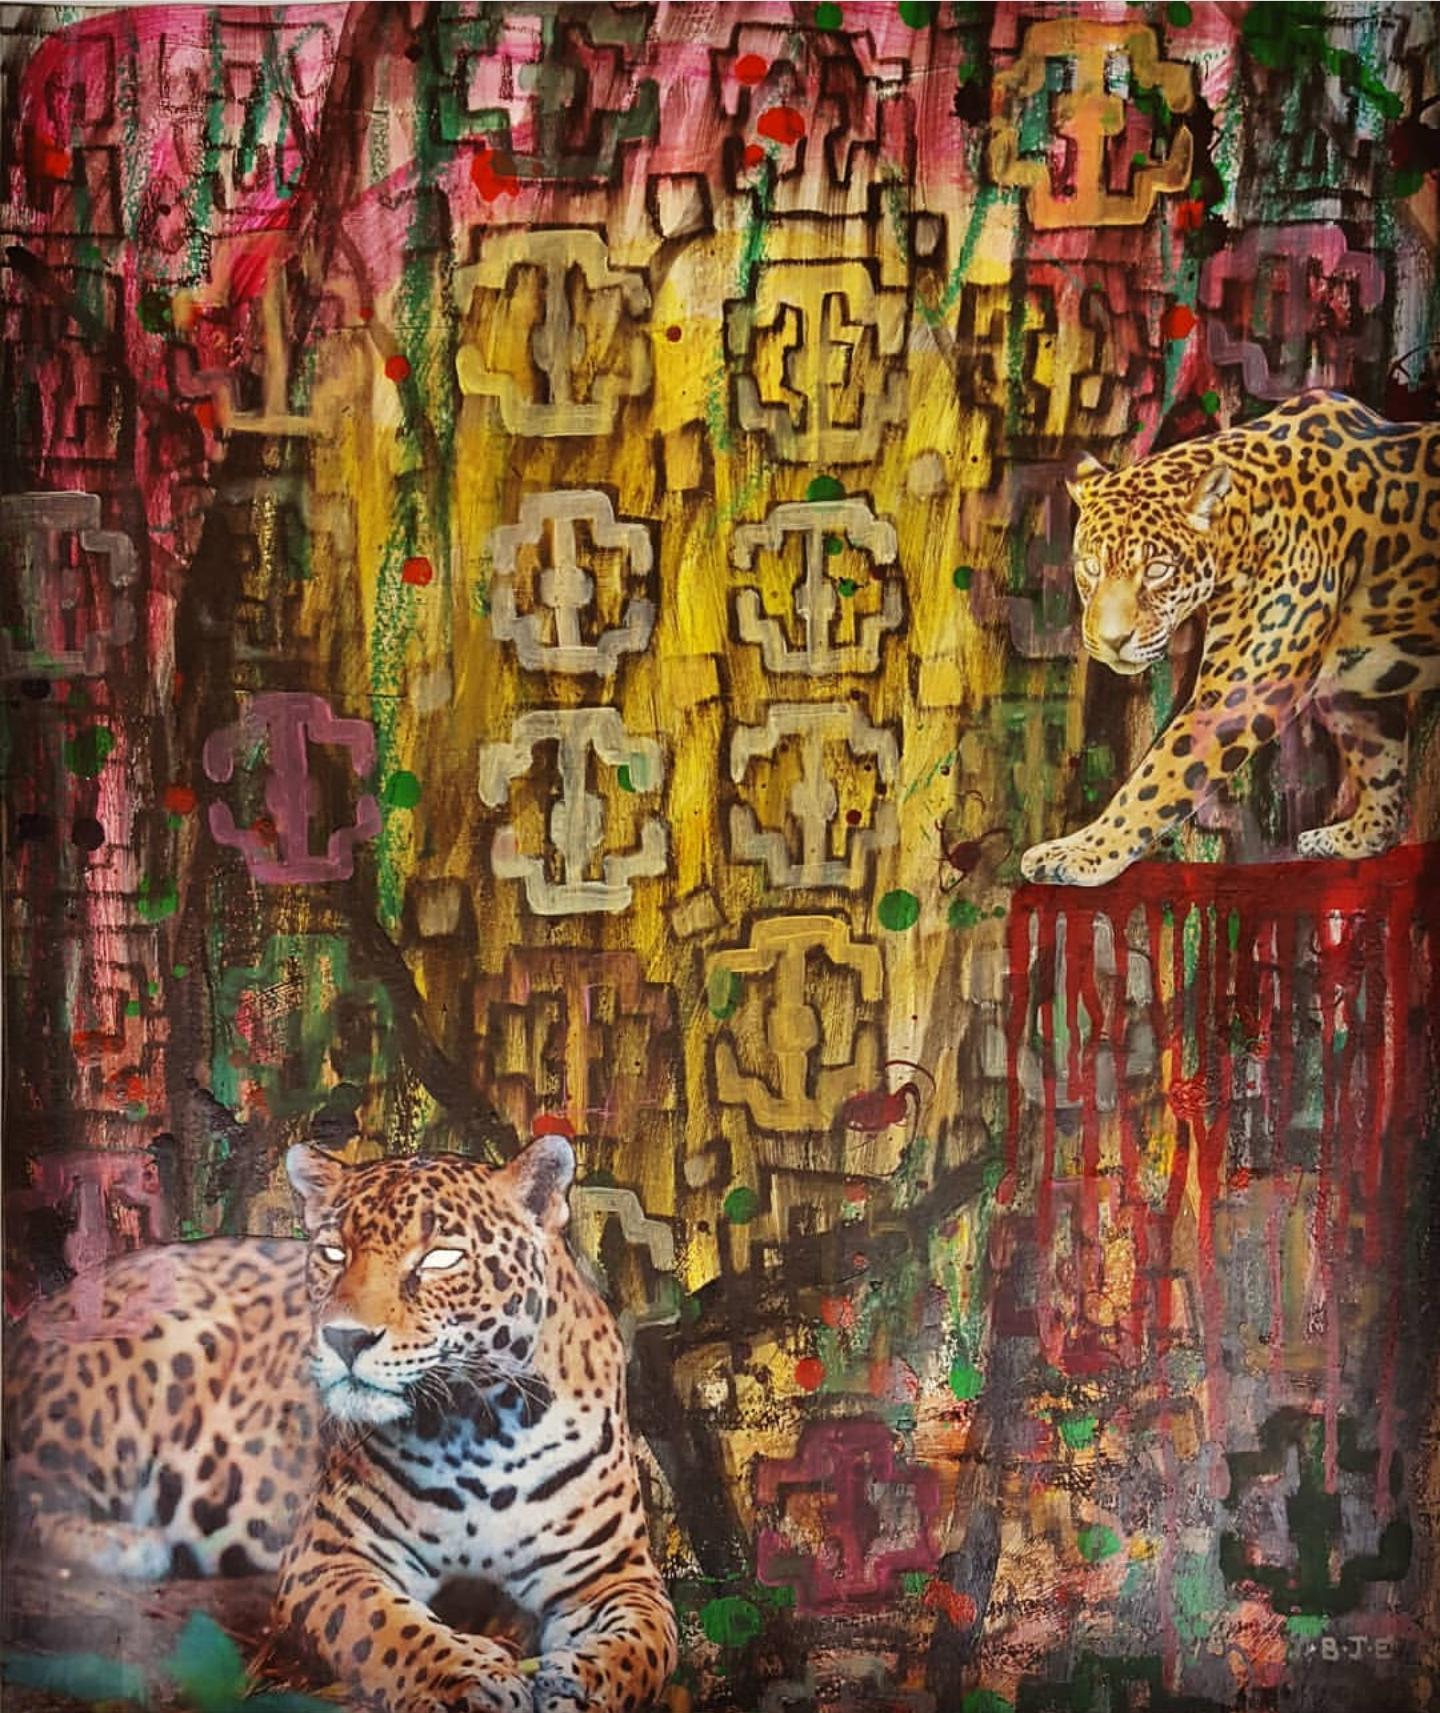 Selfportrait - I Am Jaguar ll